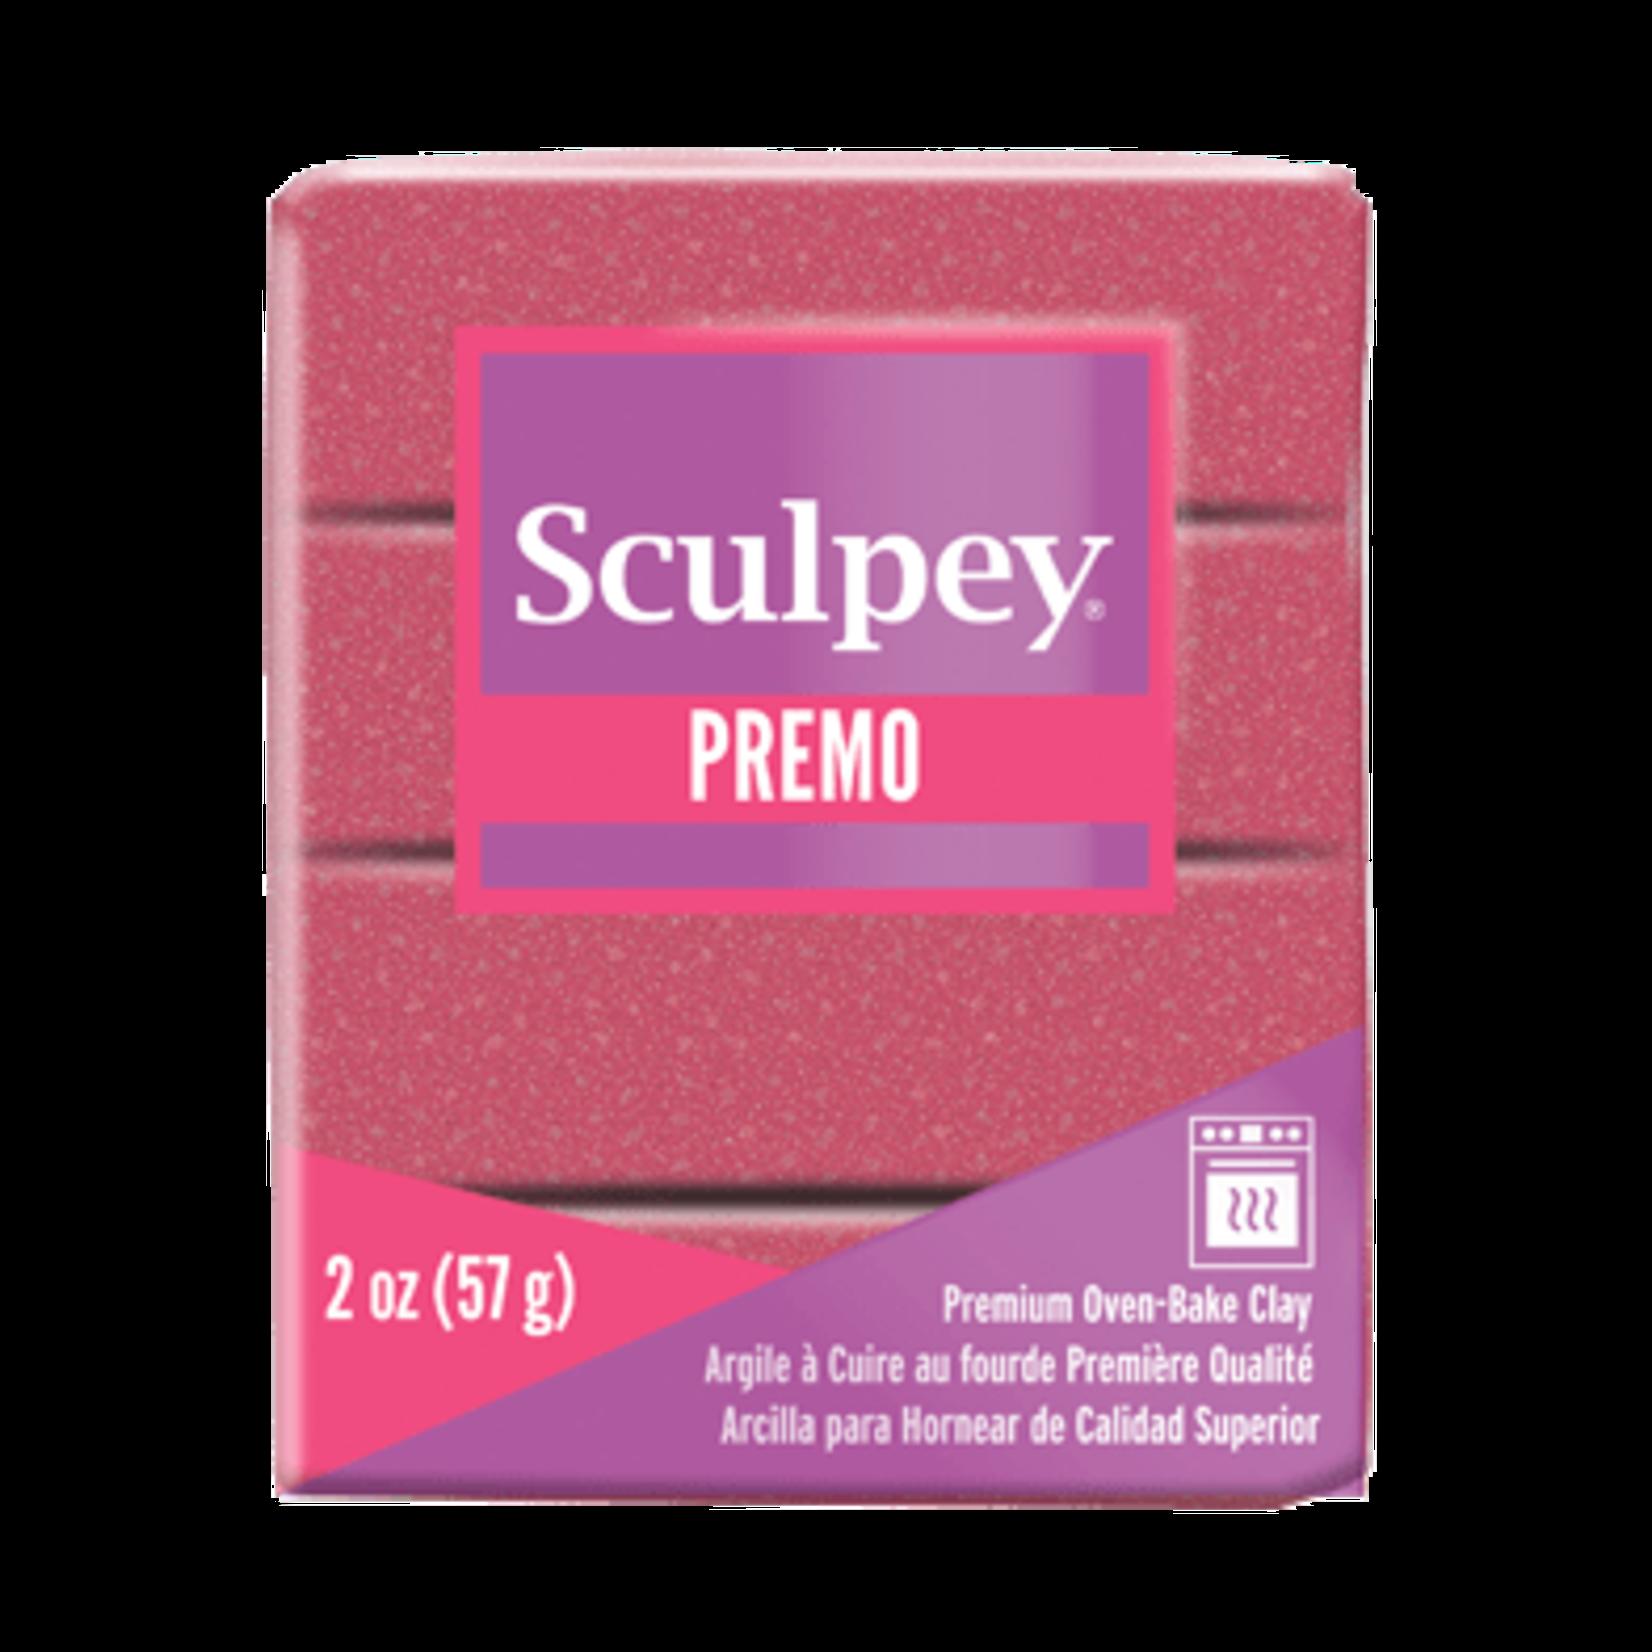 Sculpey Sculpey Premo   -- Sunset Pearl